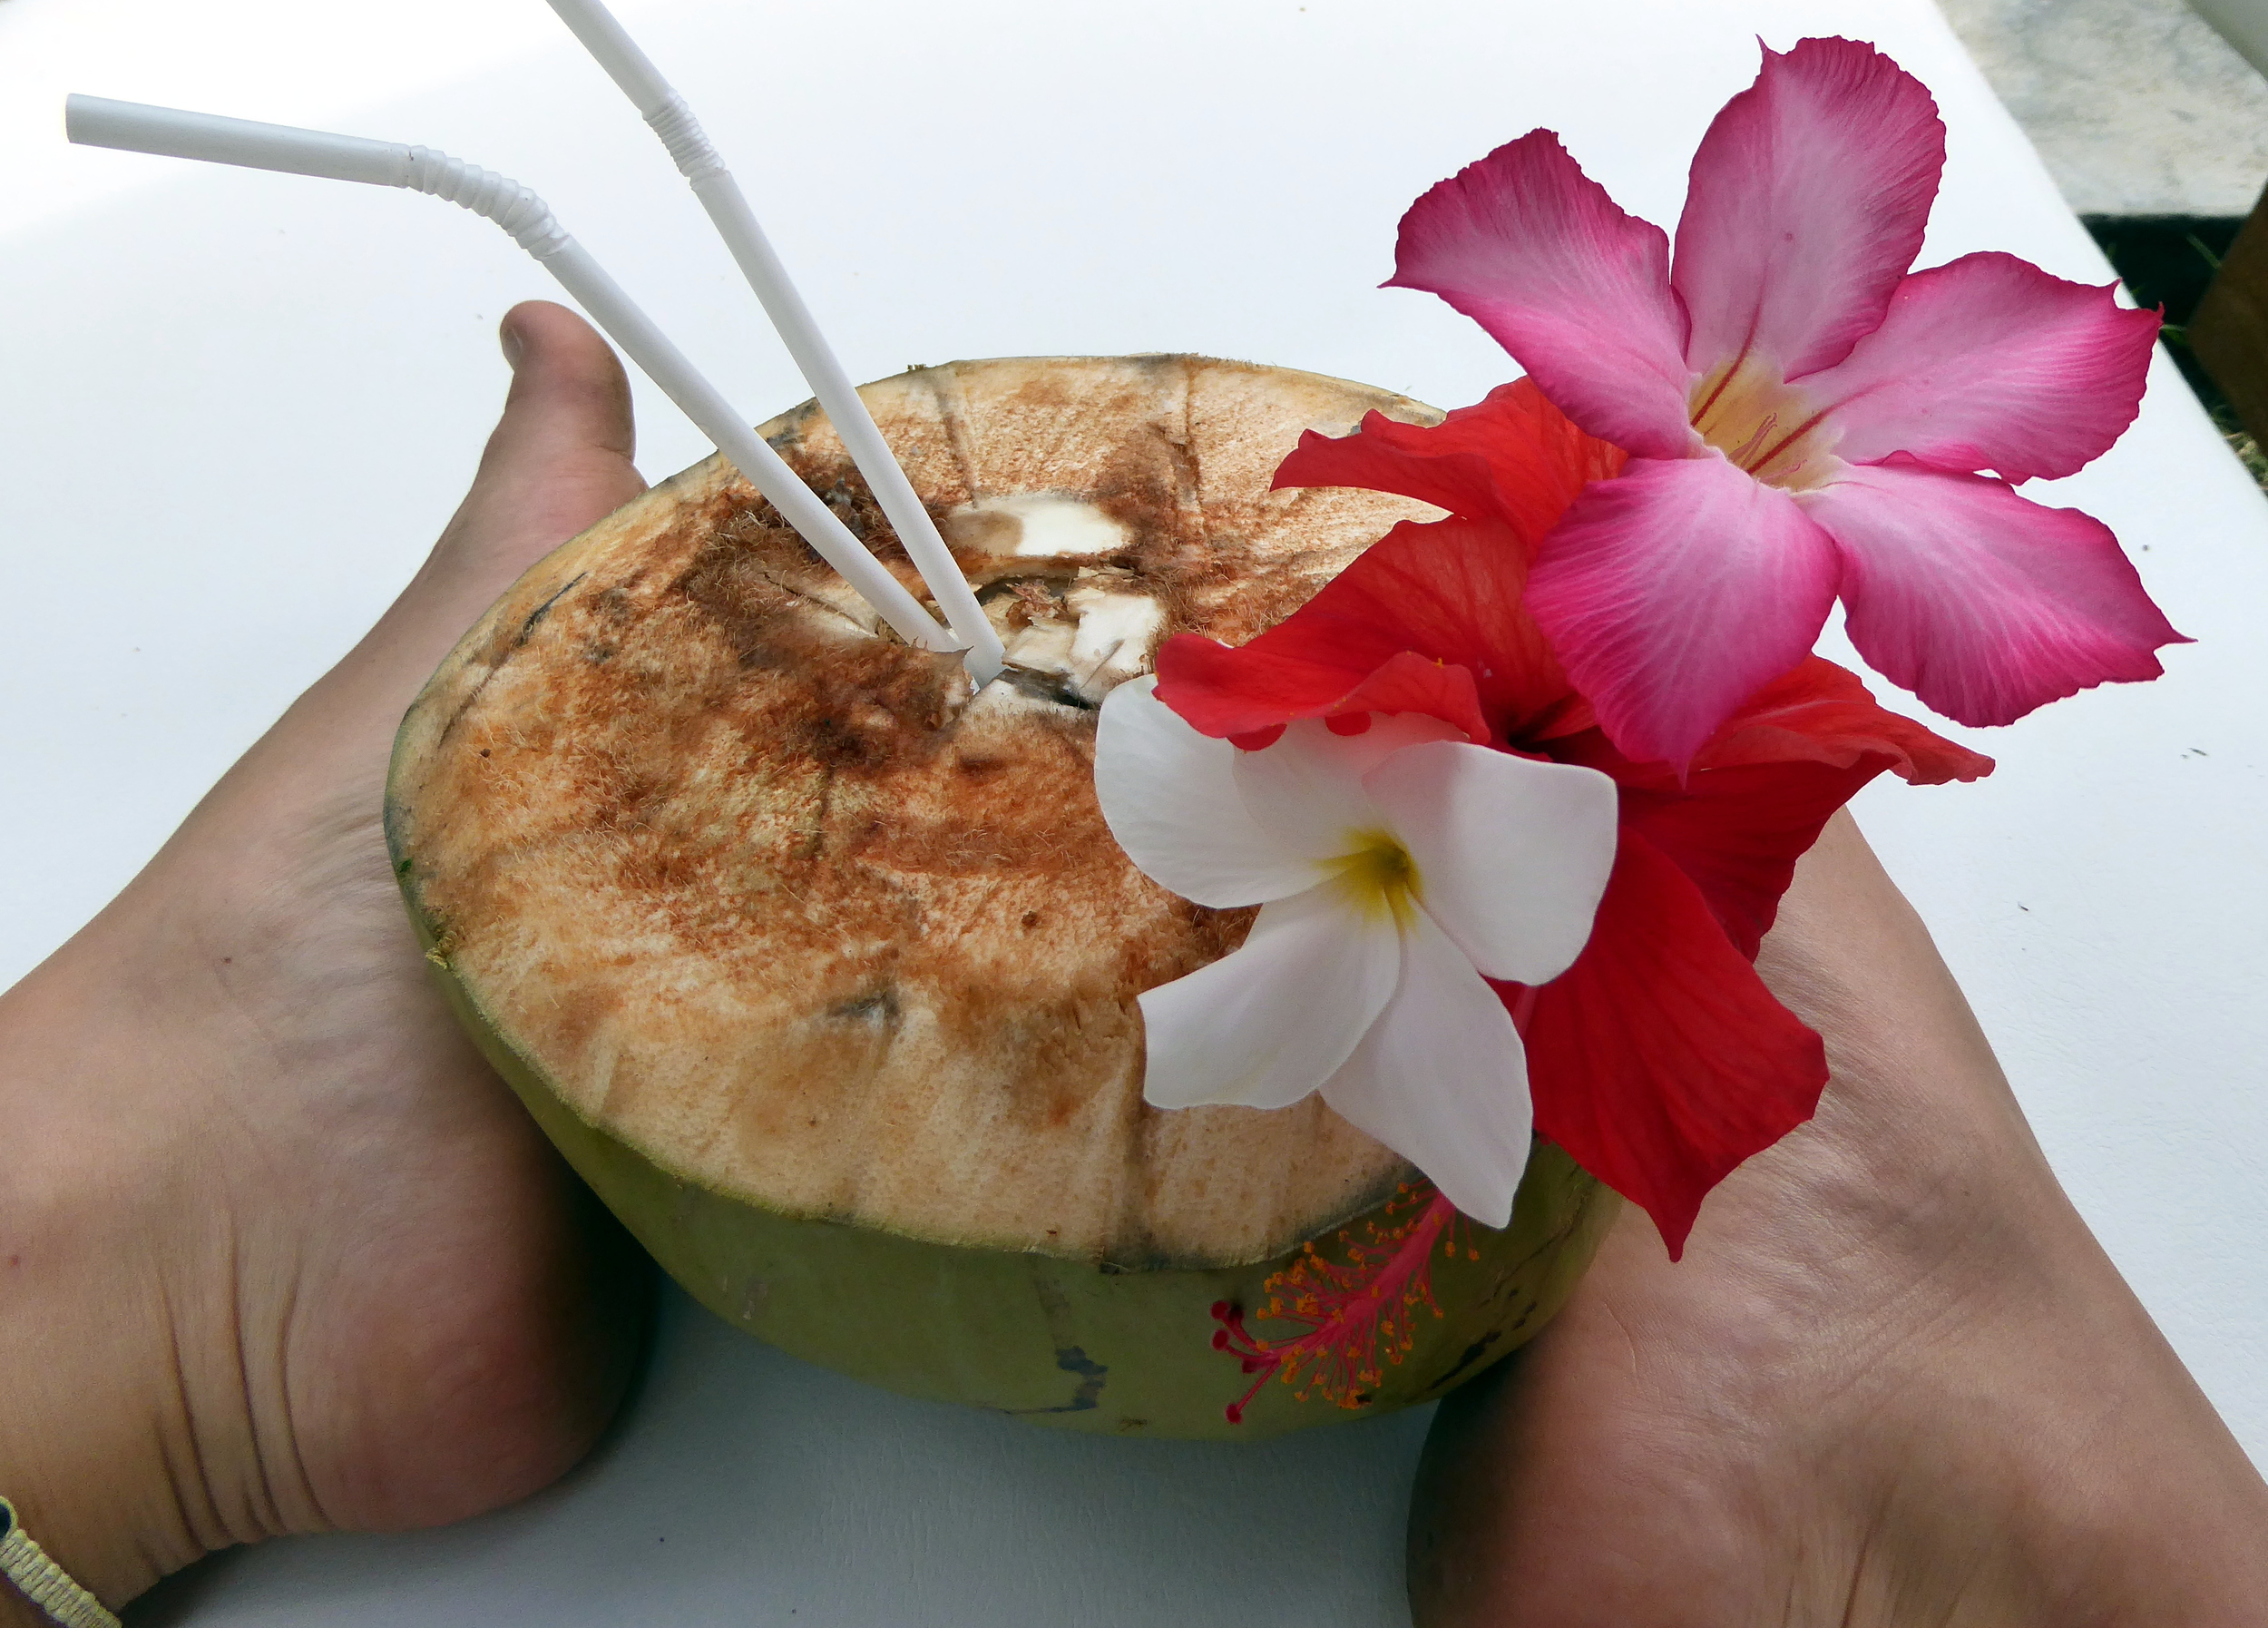 Frische Kokosnuss vom Baum. Zuerst wird das Kokoswasser geschlürft und dann kann das Fruchtfleisch herausgeknabbert werden.